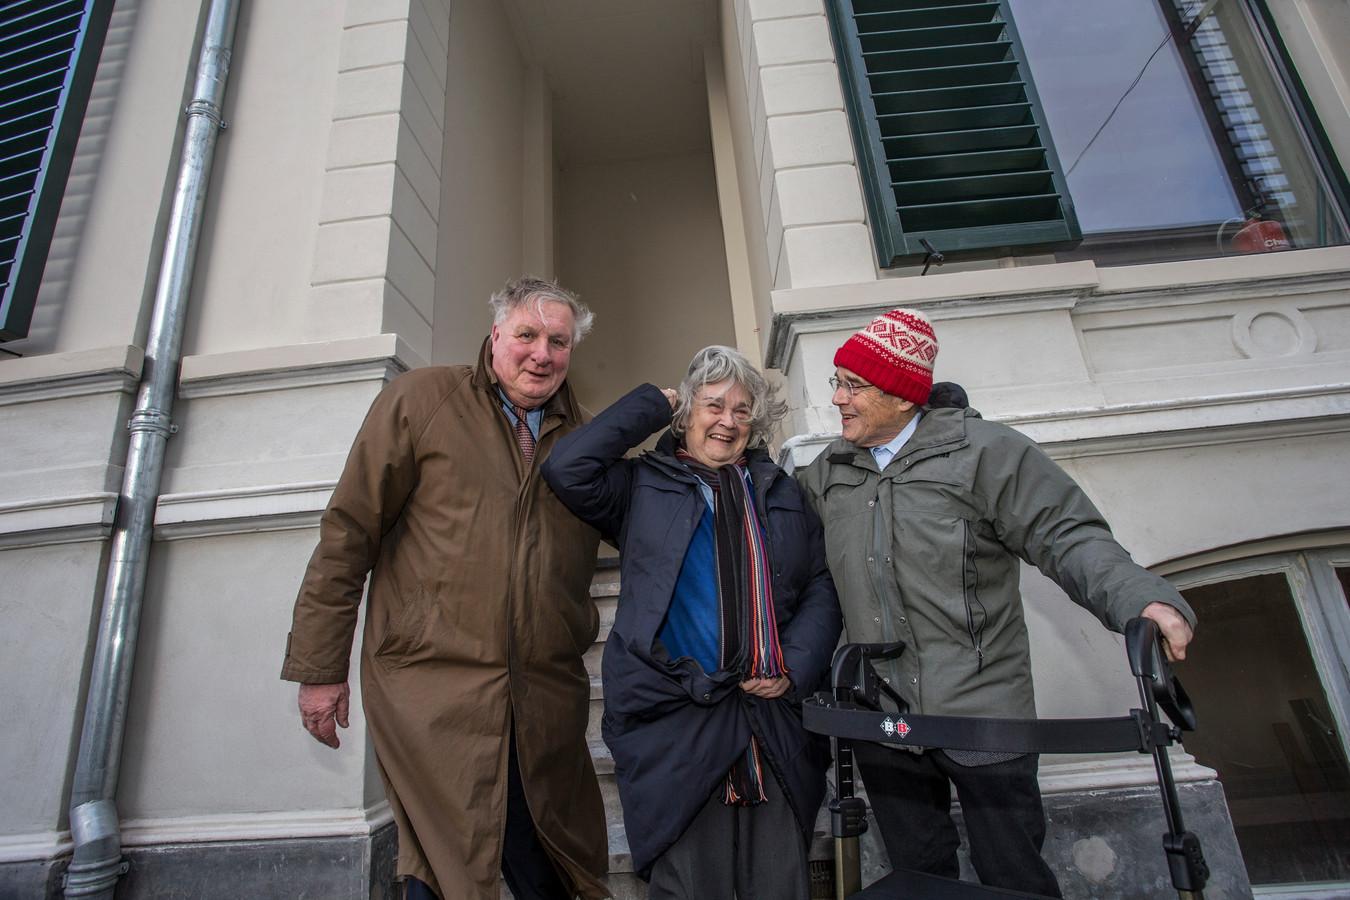 Zutphenaar Pier Arkesteijn en Wally van Halls kinderen Mary-Ann en Aad (vlnr) voor het pand op de hoek van de IJsselkade en de Marspoortstraat waar de 'Bankier van het Verzet' in de jaren 30 werkte als bankdirecteur.